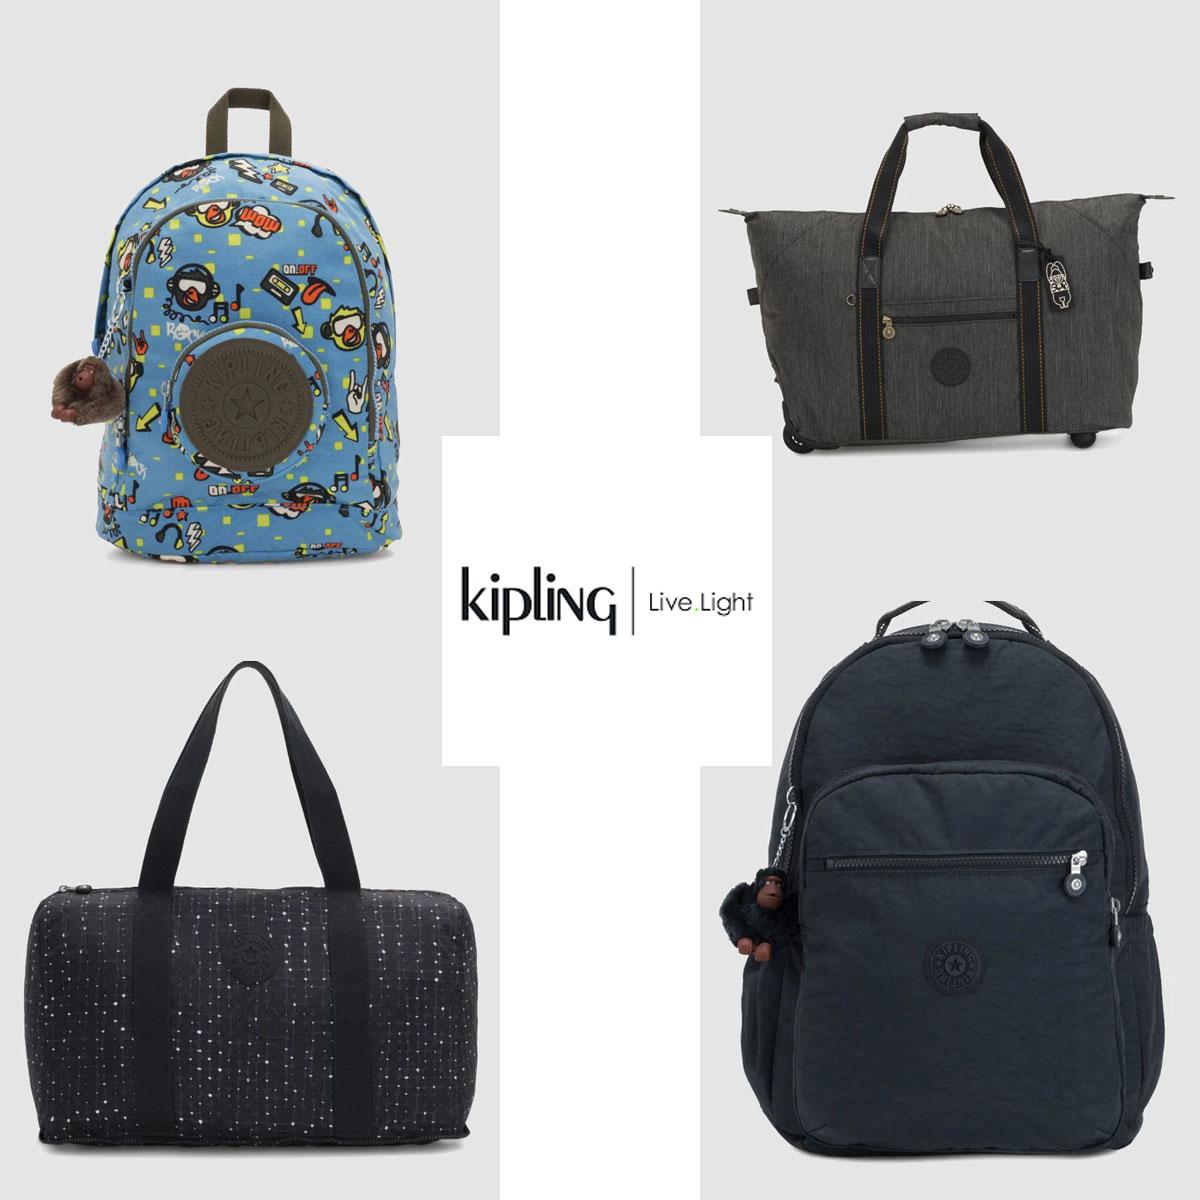 Kipling -50% + 20% EXTRA met code [140+ modellen]